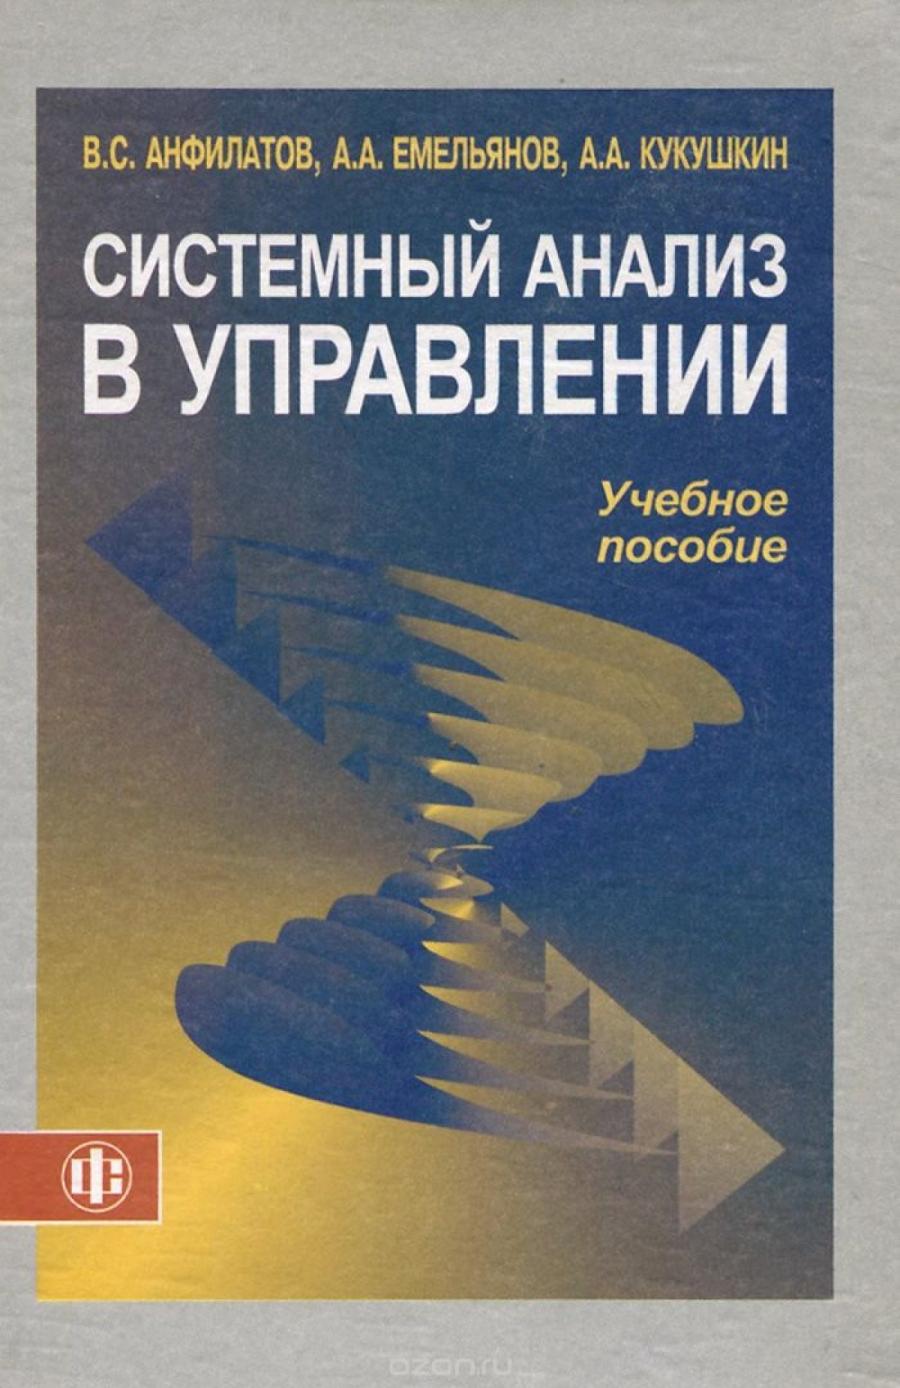 Обложка книги:  анфилатов в.с., емельянов а.а., кукушкин а.а. - системный анализ в управлении.